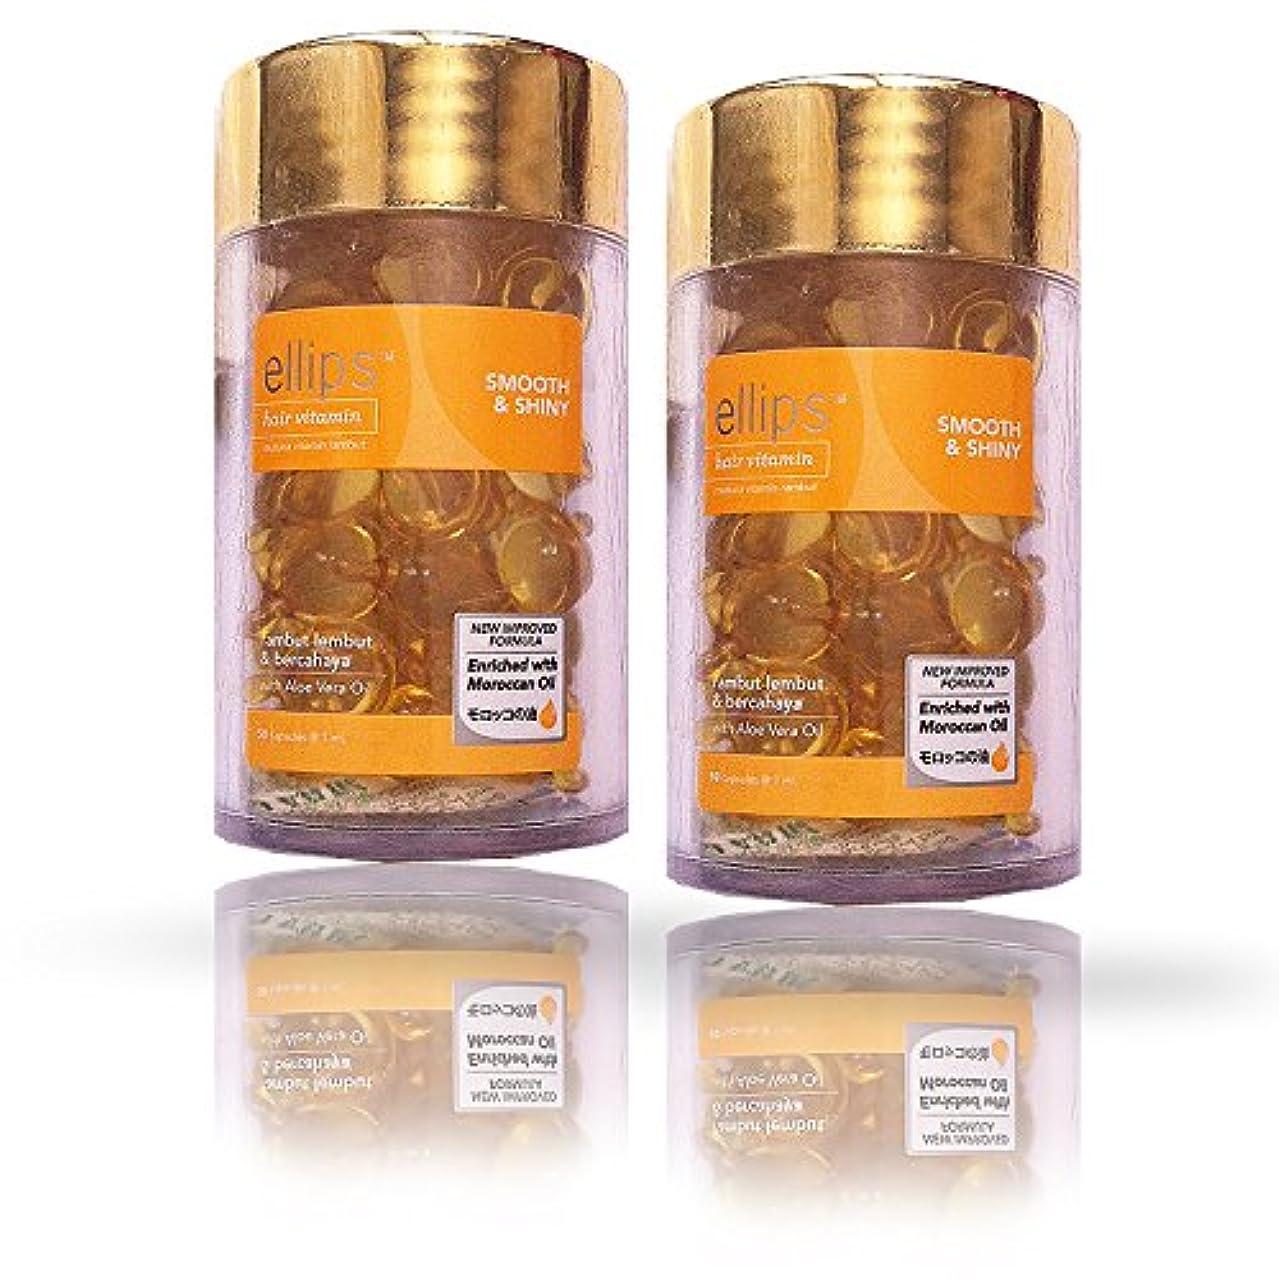 蛾化合物集中エリップス(ellips)スムース&シャイニー(フレッシュ トロピカル フルーツの香り) ボトル50粒×2個